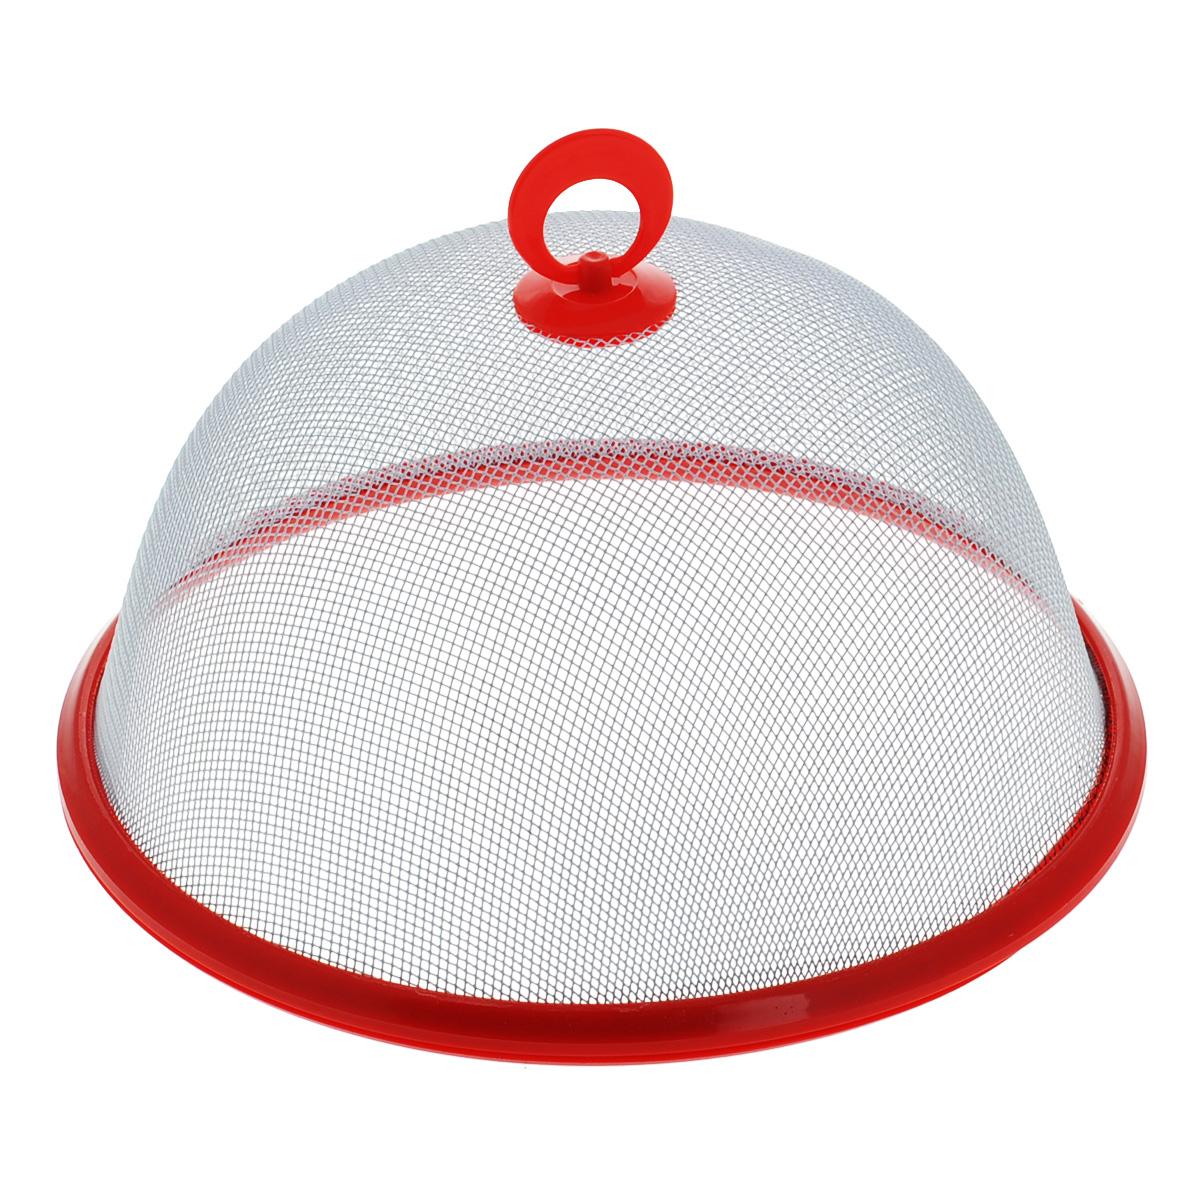 Крышка-защита от насекомых Regent Inox Linea Pronto, диаметр 26 см93-PRO-33-26Крышка Regent Inox Linea Pronto выполнена из высококачественной нержавеющей стали. Крышка представляет собой прочную сетку на пластиковом ободке. Она станет надежной защитой от насекомых, в то же время крышка полностью воздухопроницаемая. Изделие оснащено удобной пластиковой ручкой.